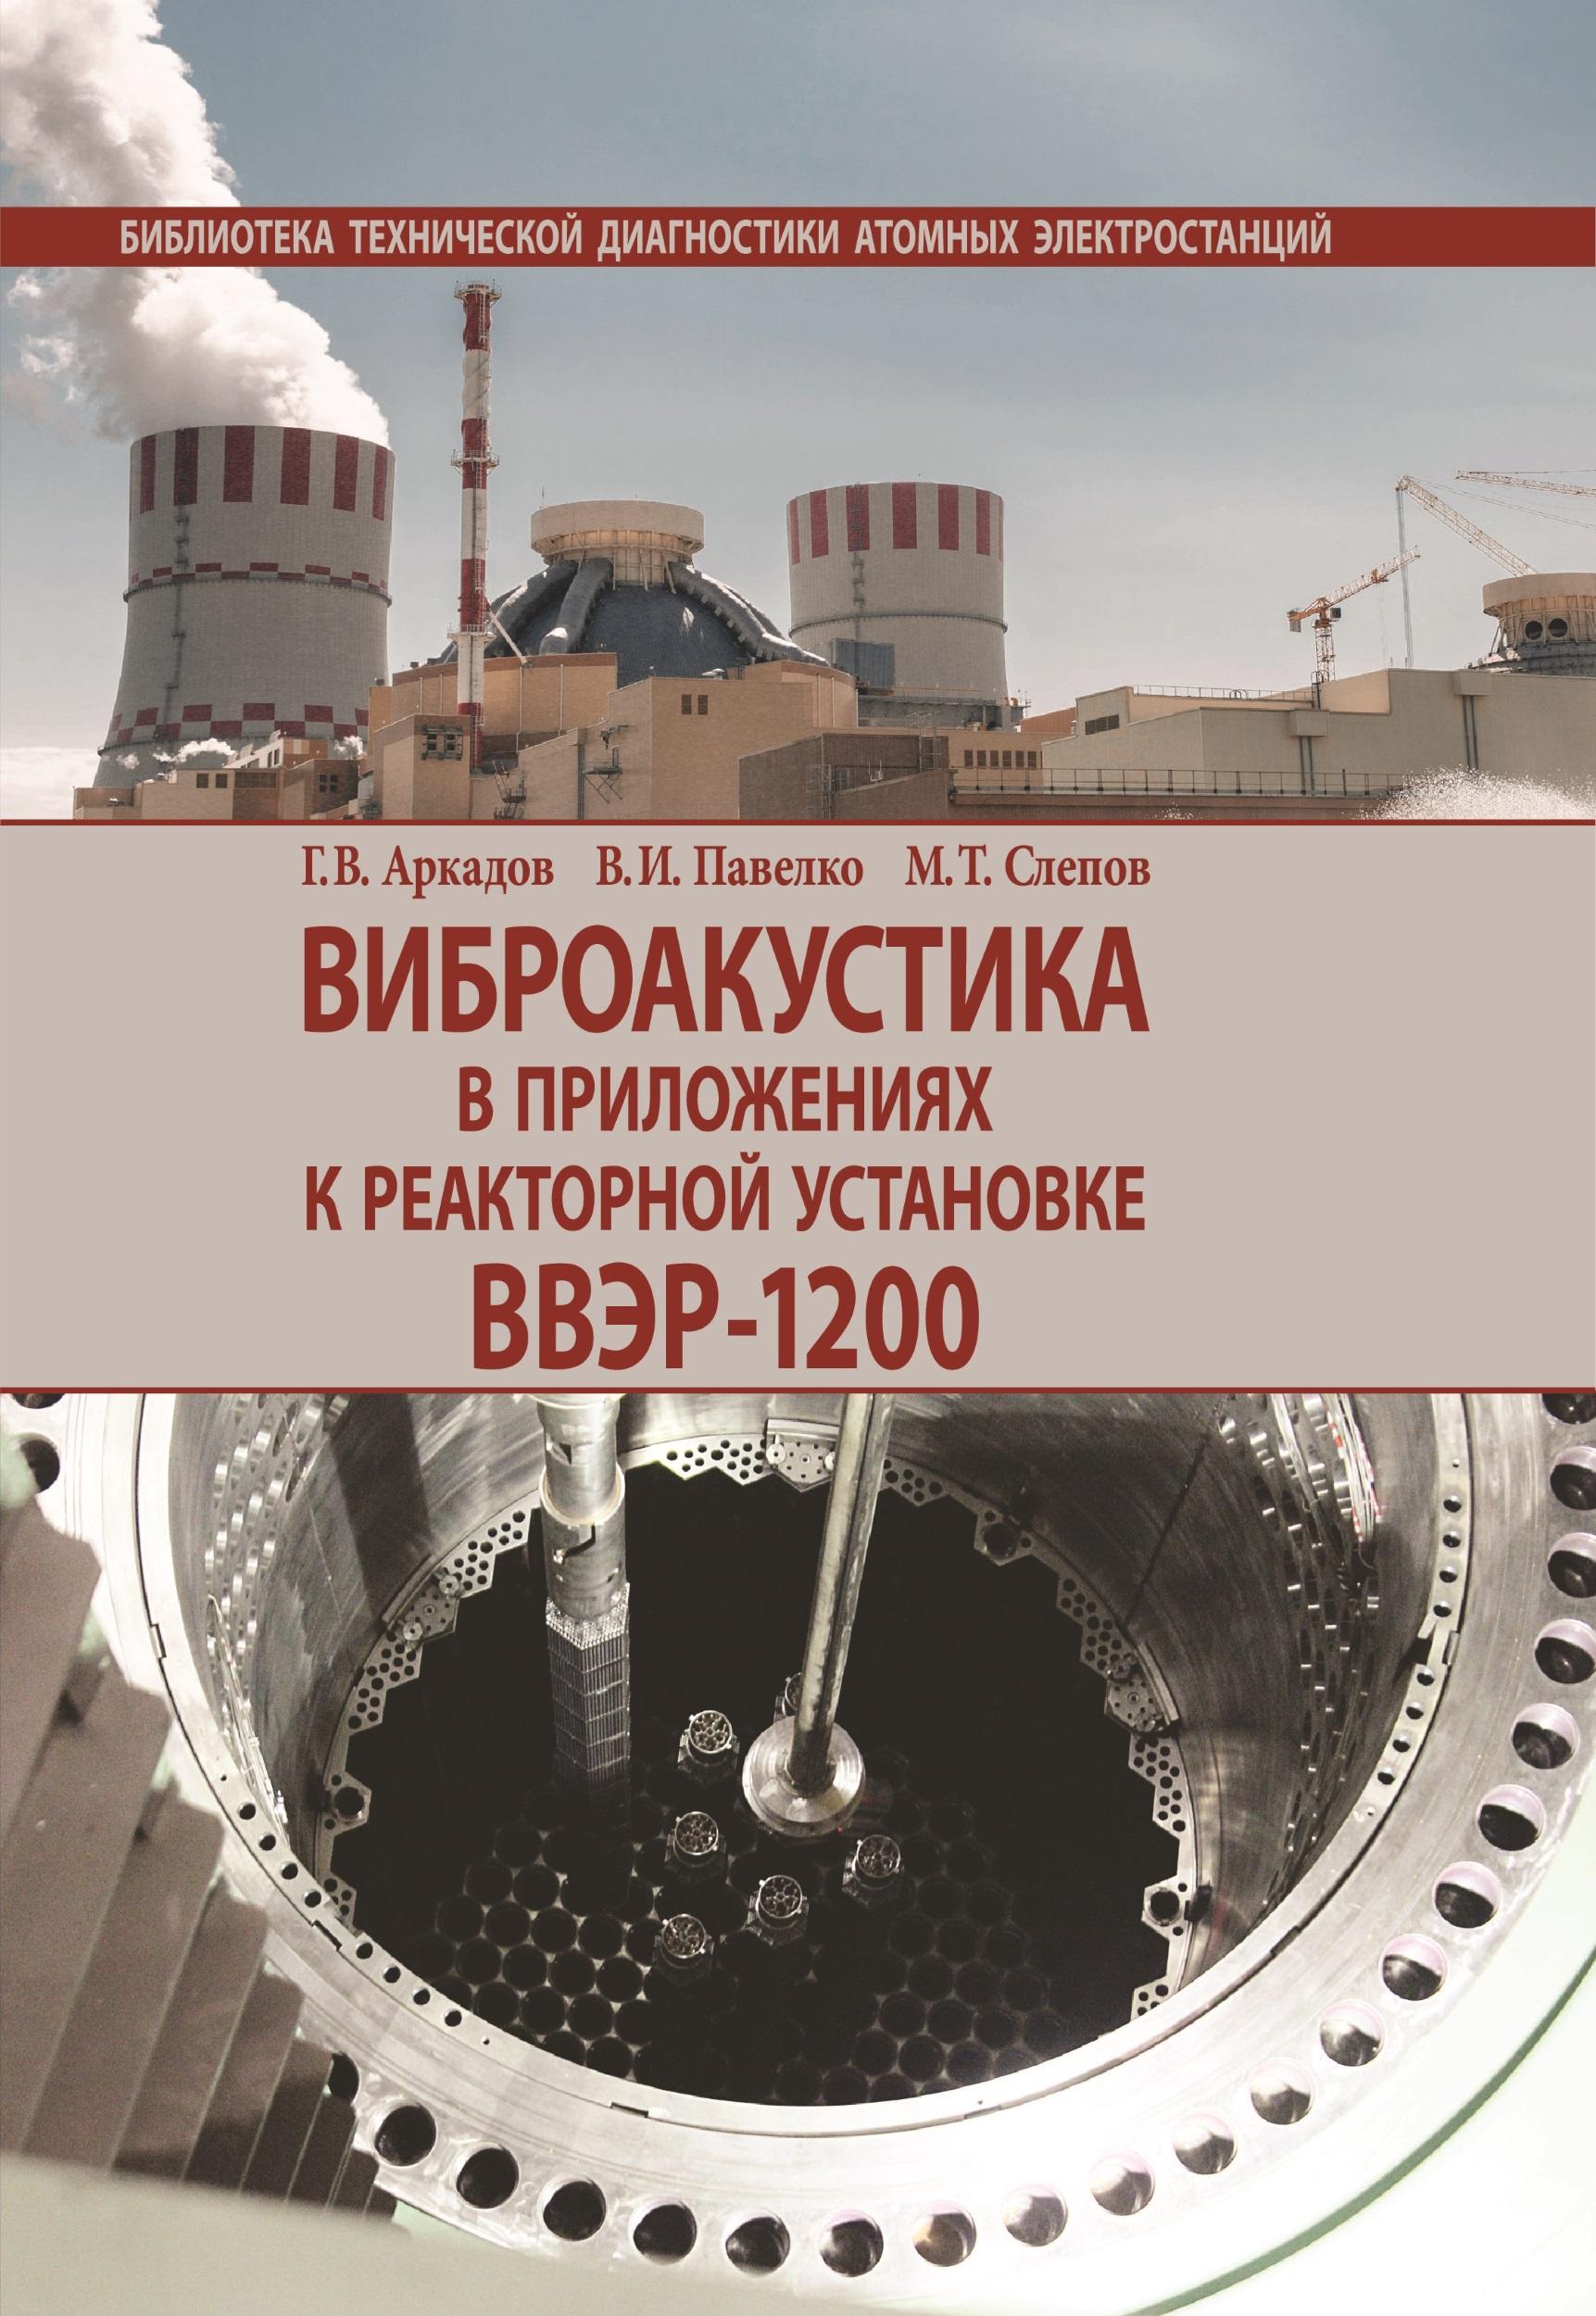 картинка Виброакустика в приложениях к реакторной установке ВВЭР-1200 от магазина Одежда+